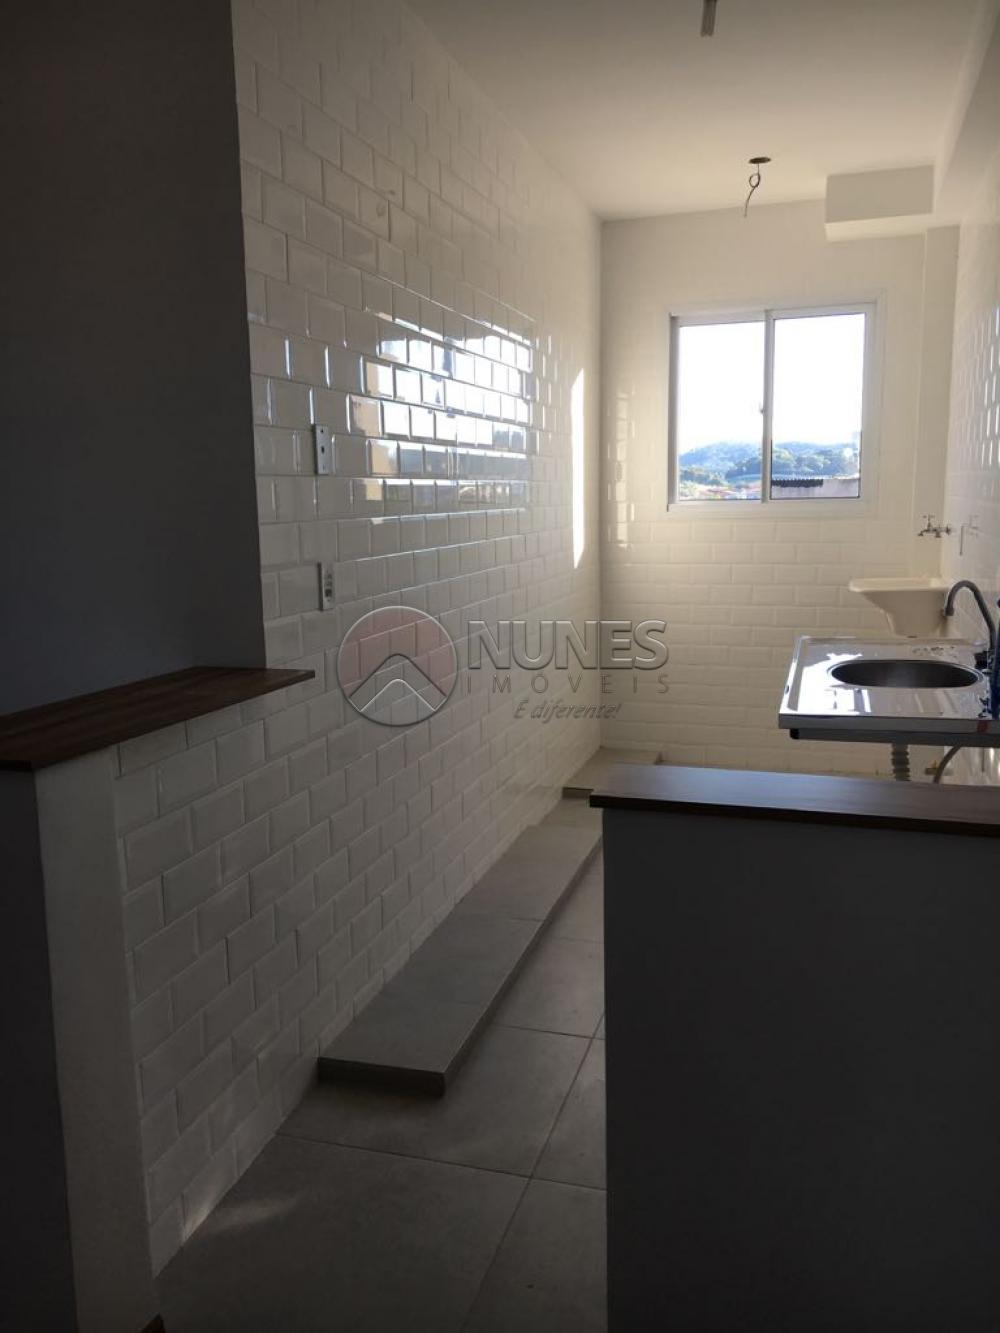 Alugar Apartamento / Padrão em Cotia apenas R$ 800,00 - Foto 11